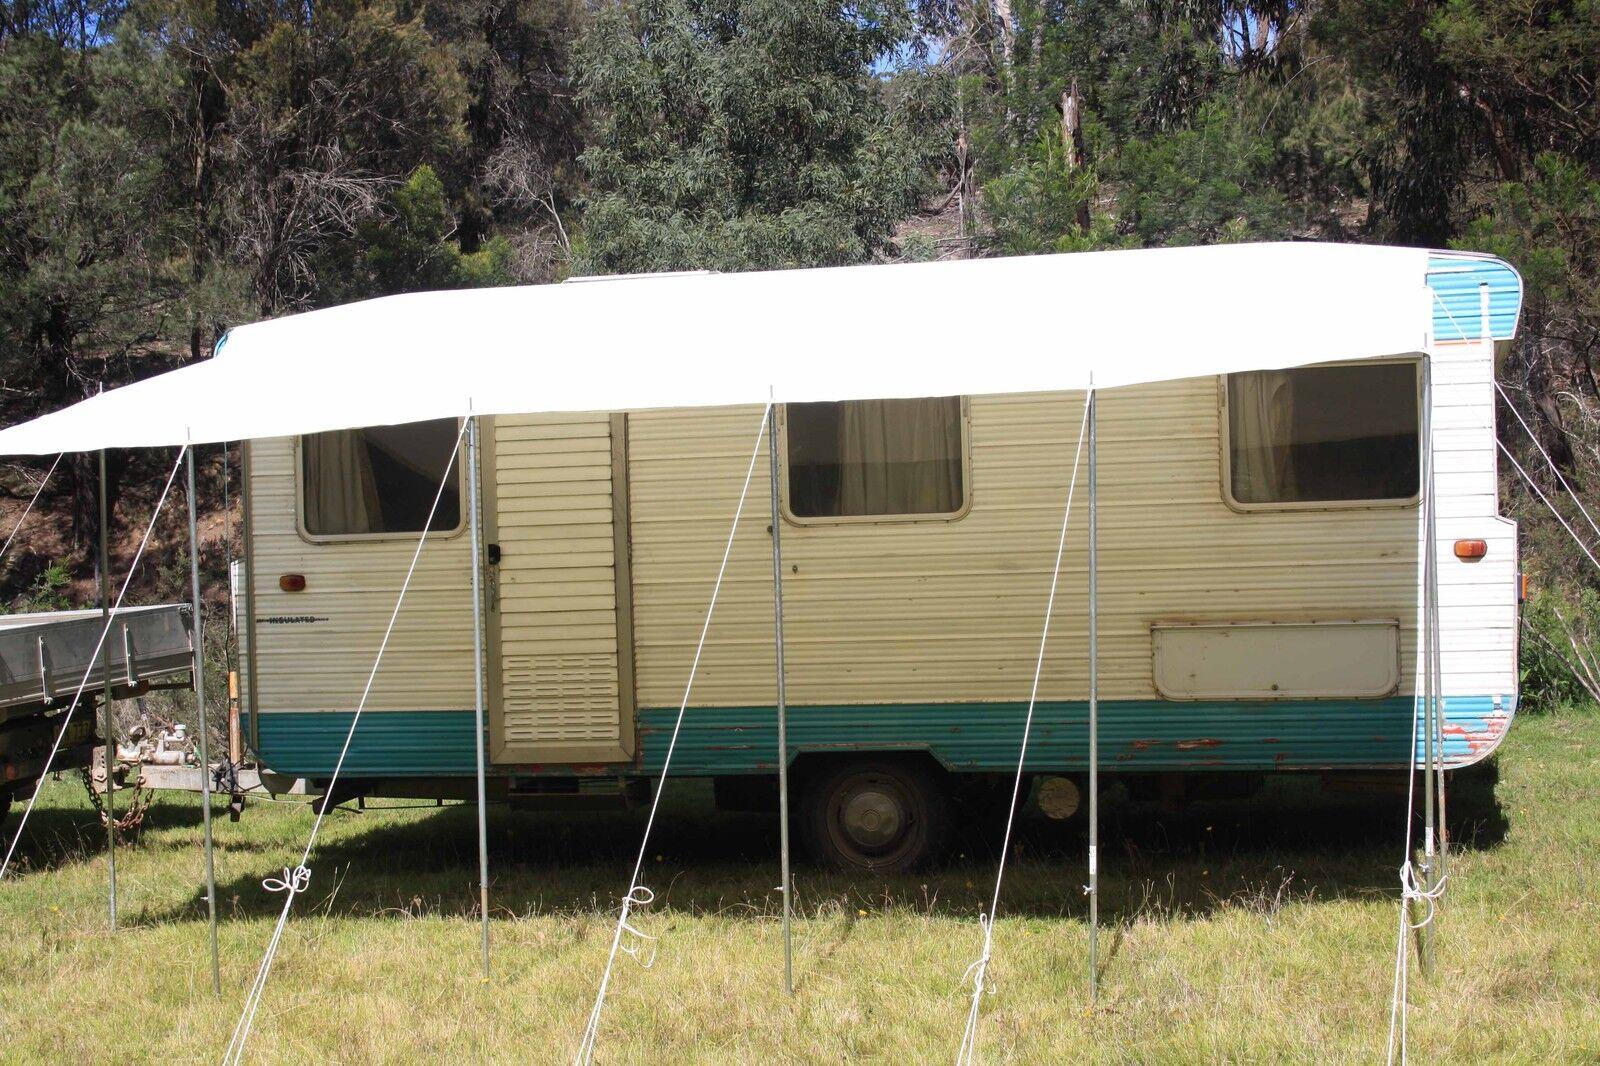 Caravan RV 5.0 x 2.5 metres Awning Annexe Motorhome Camper ...